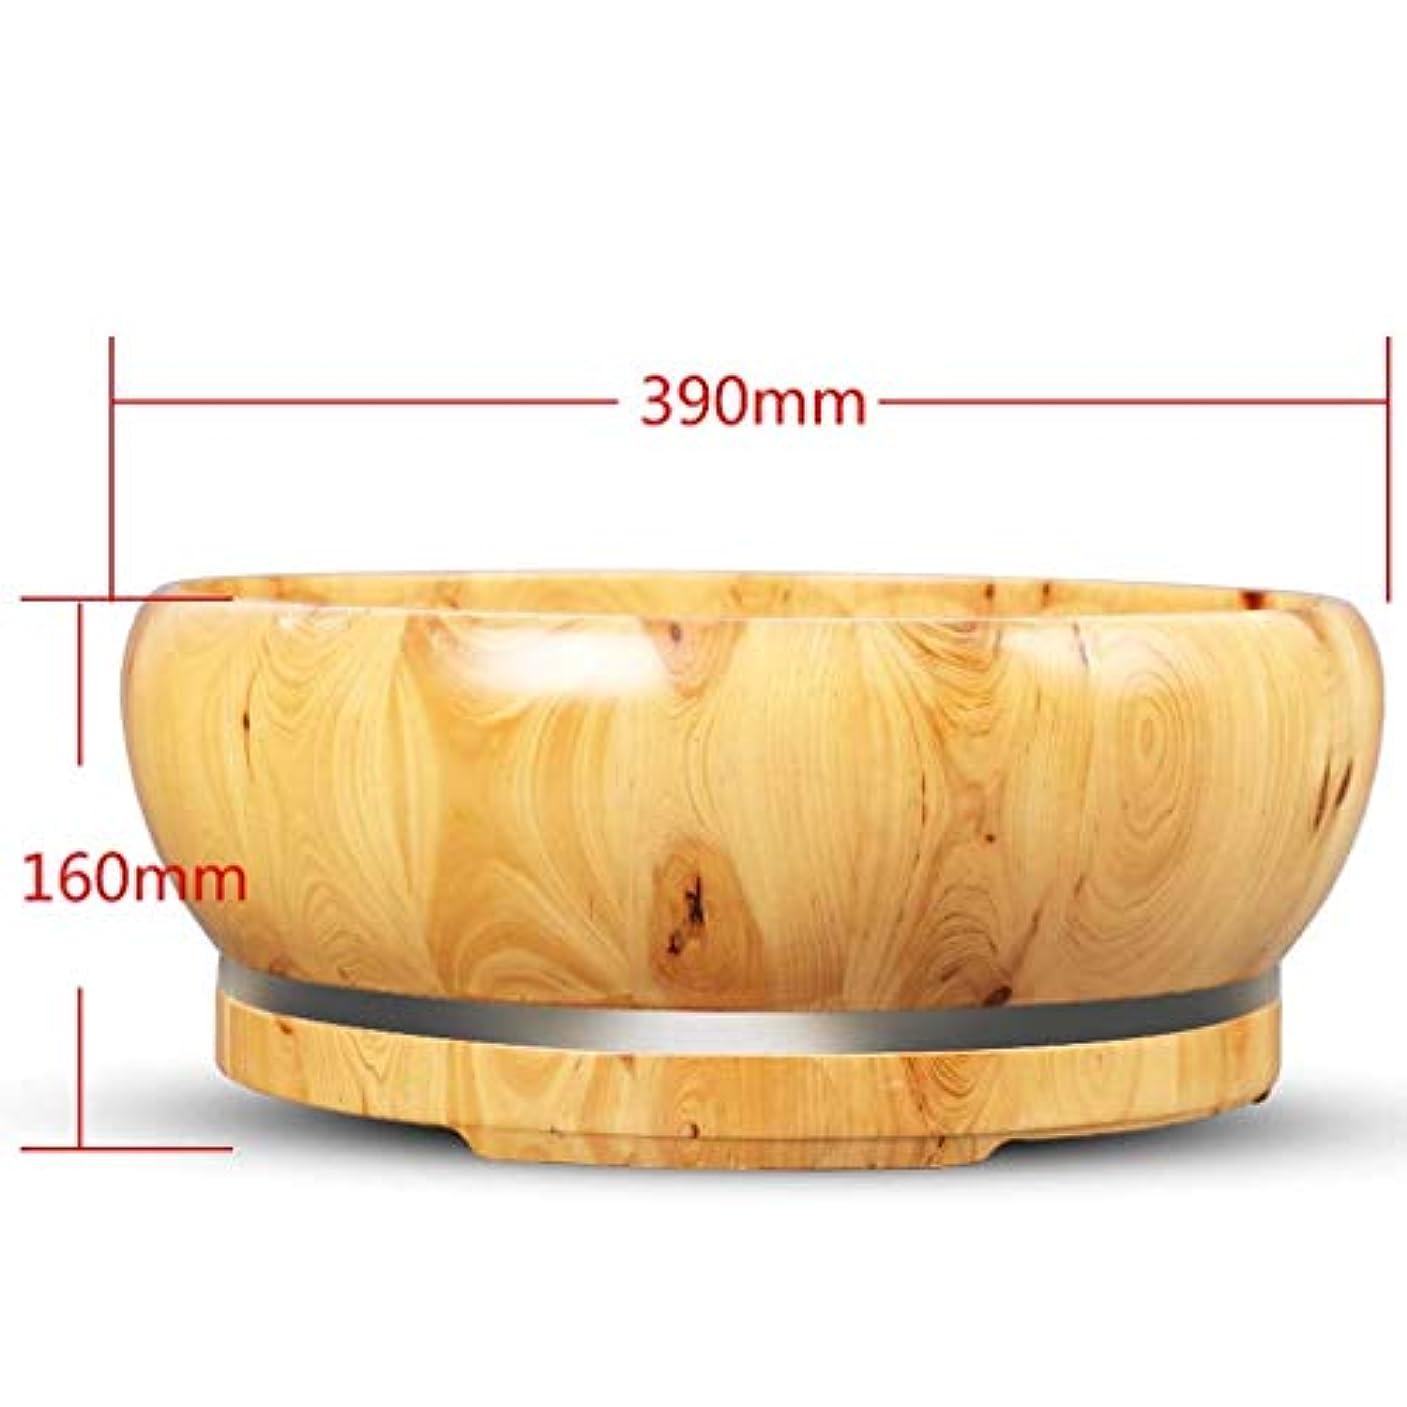 証書湿気の多い自明ス浴槽 フットスパ浴槽、木製フットバスボウル家庭用洗面器Fu蒸バレルフットケア浴槽バケットペディキュア肥厚断熱ボウル美容 (Color : Cedar B)